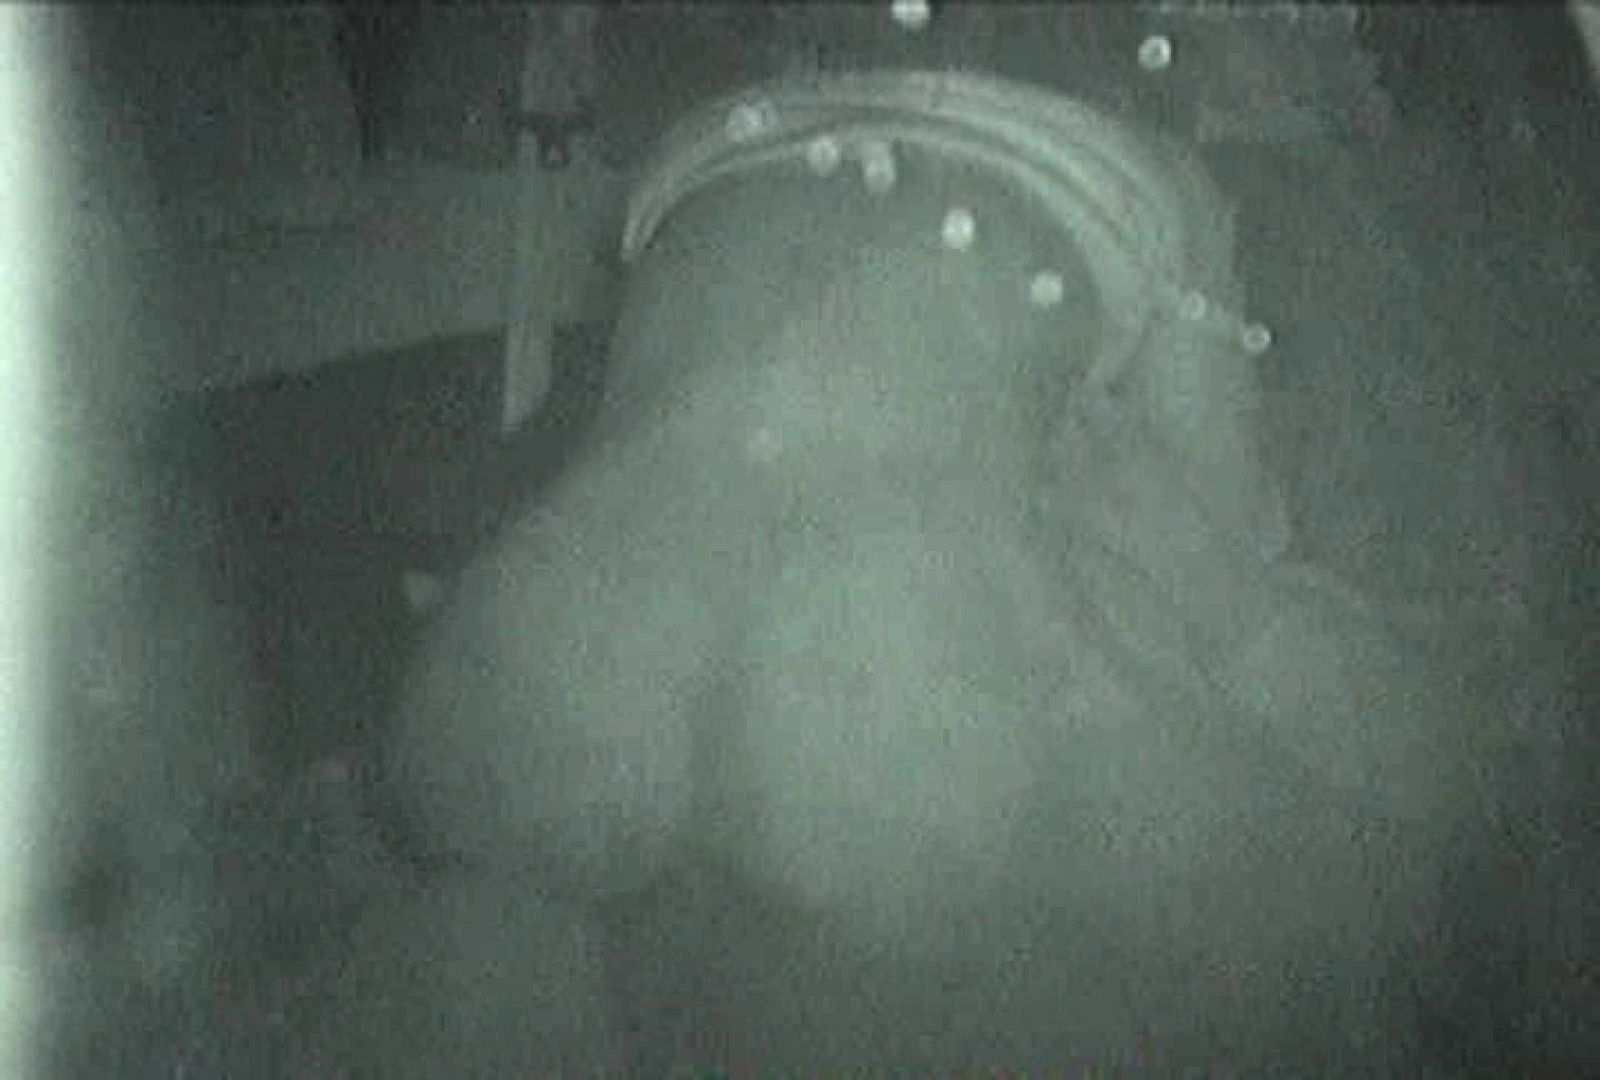 充血監督の深夜の運動会Vol.97 ギャルのエロ動画 AV無料動画キャプチャ 104画像 58